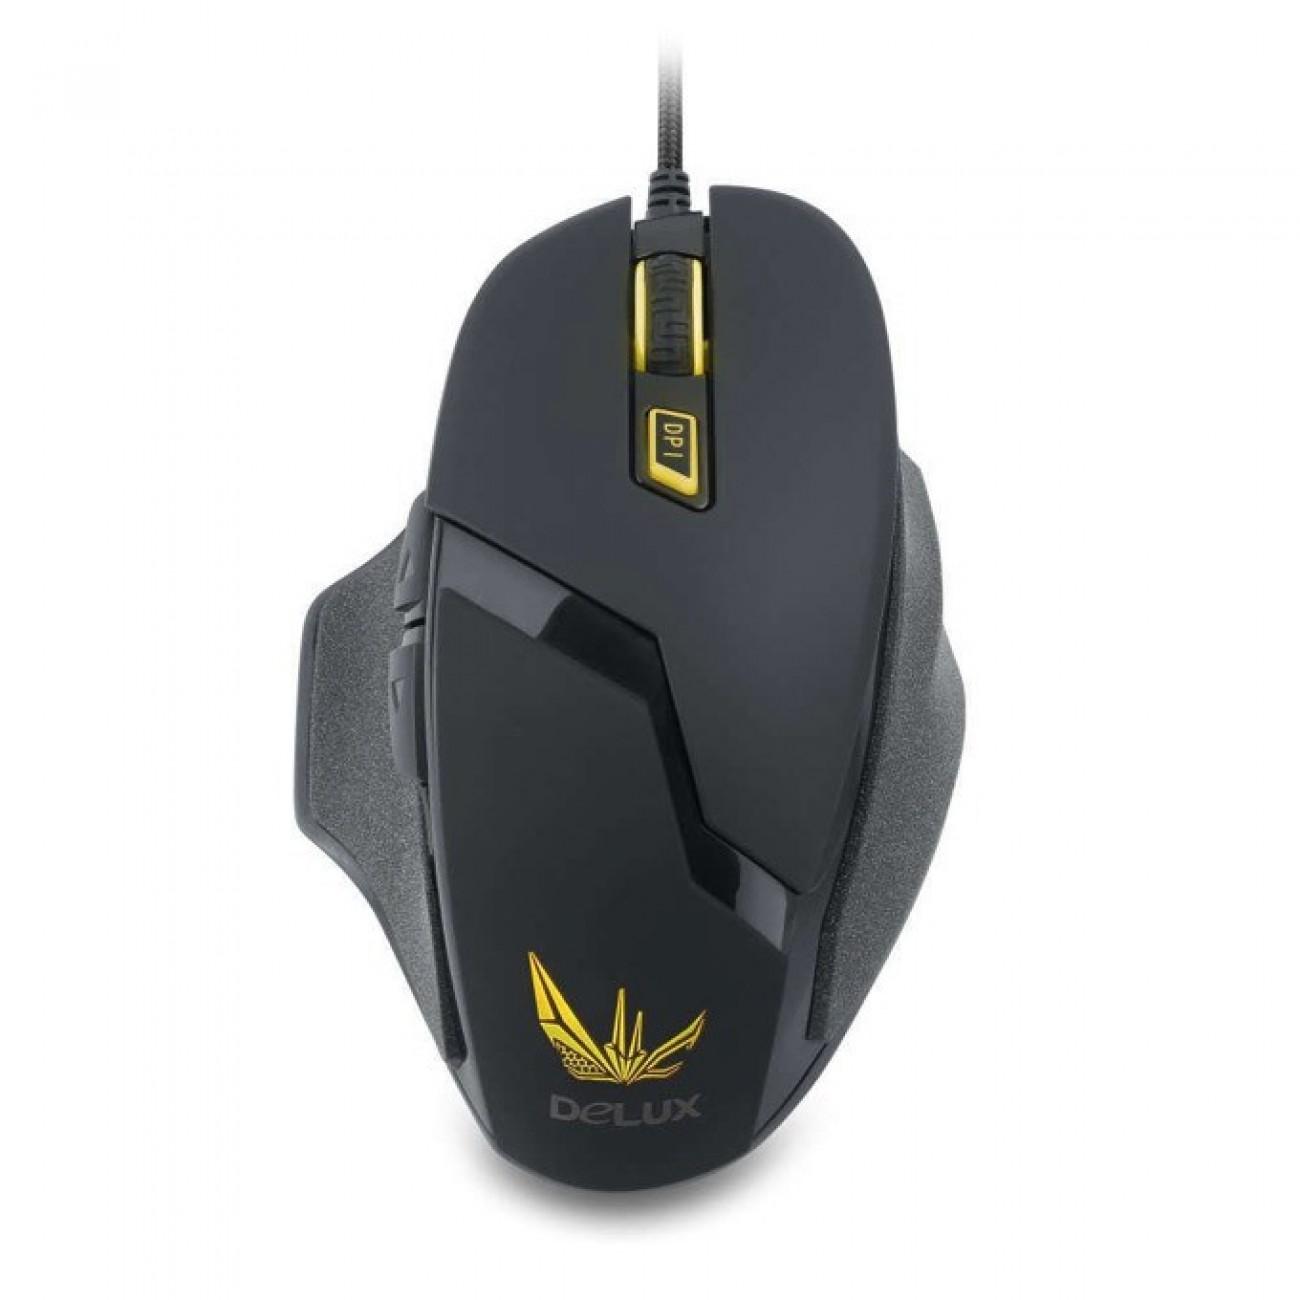 Мишка DELUX DLM 612BU USB, 4000 dpi, USB, черна в Мишки -  | Alleop